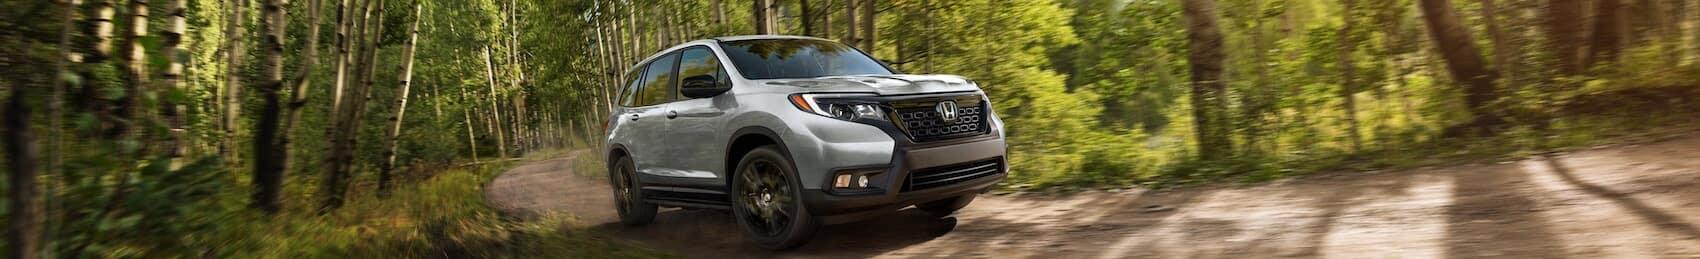 Honda Lease Deals | Murrieta, CA